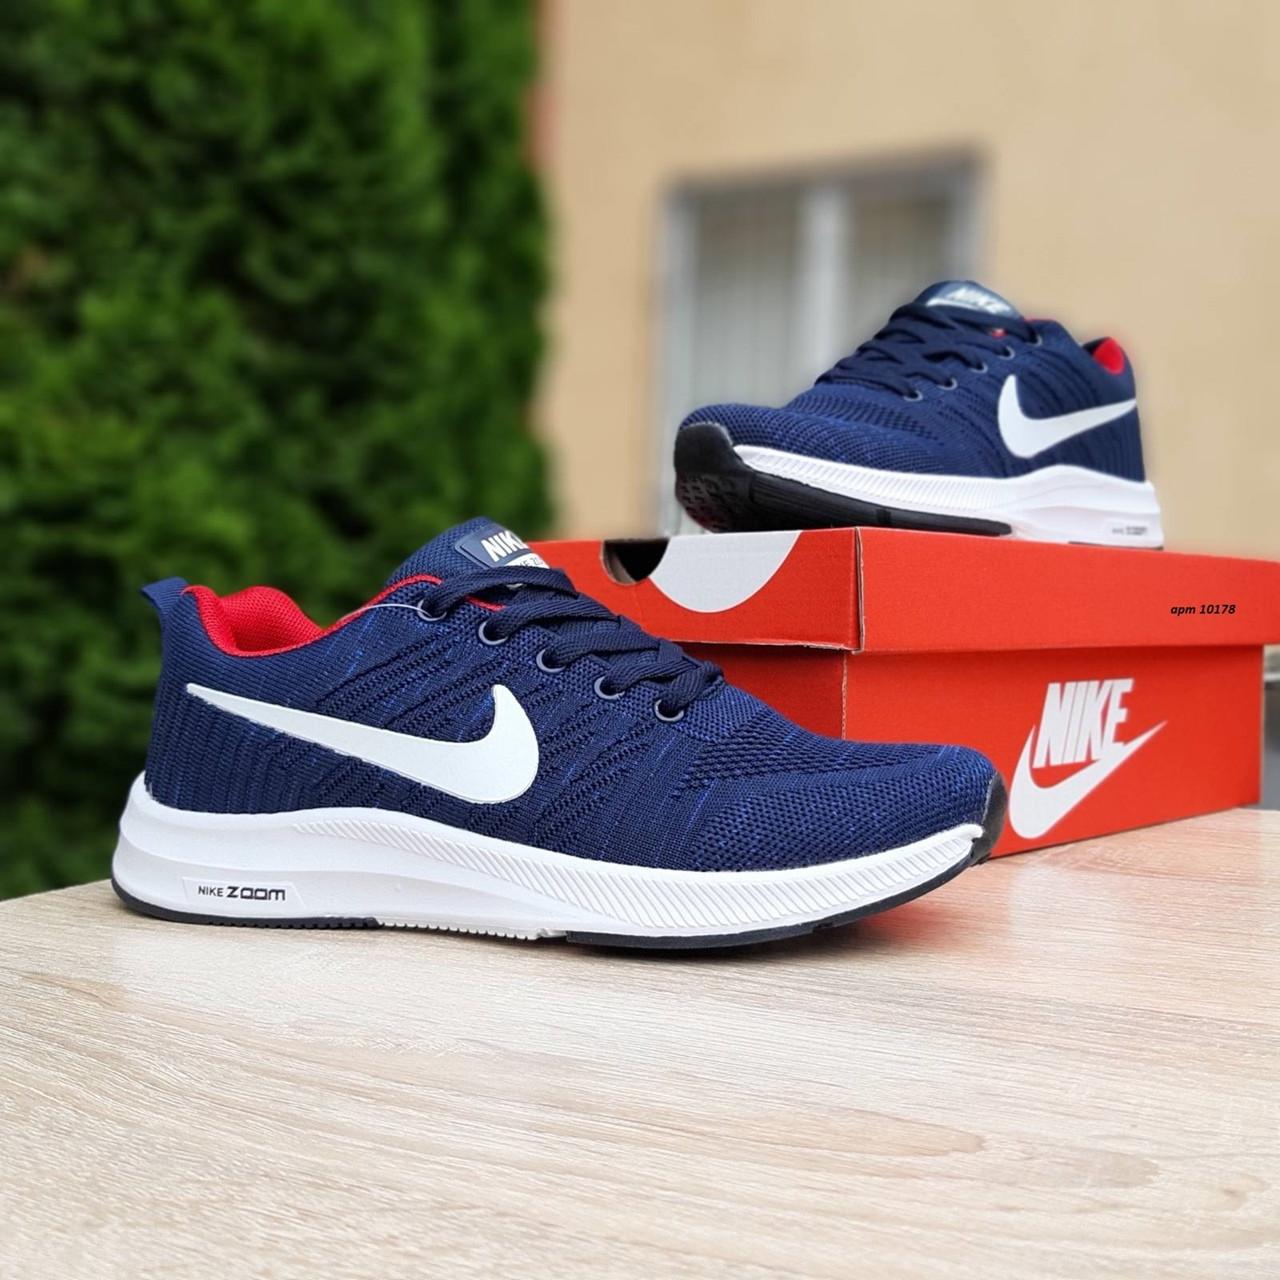 Кросівки чоловічі розпродаж АКЦІЯ 650 грн Nike 41й(25.5 см),46й(28,5 см) останні розміри люкс копія